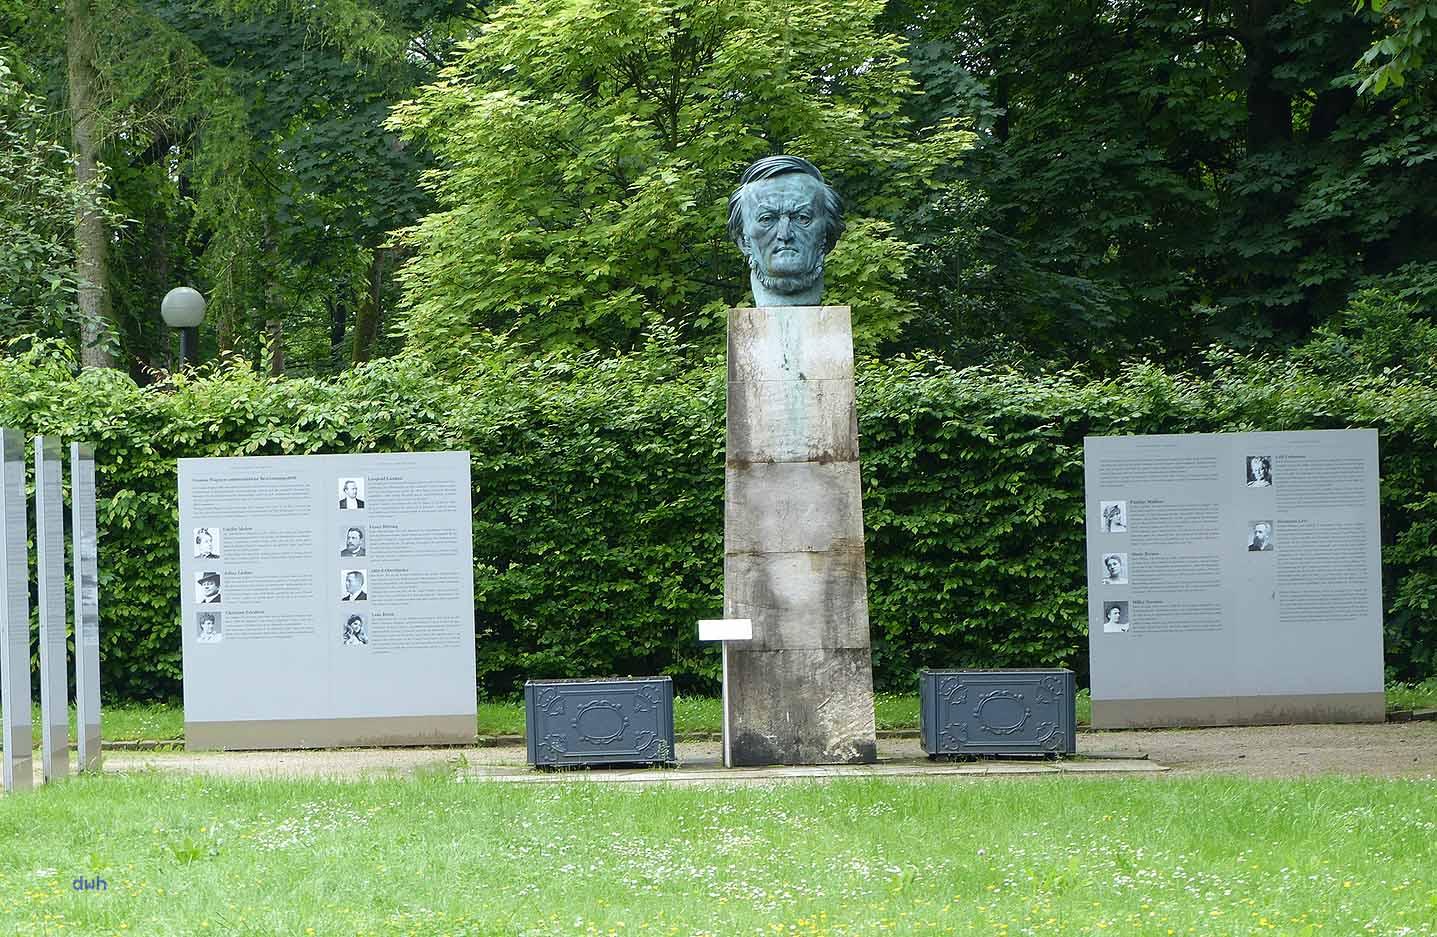 """Breker-Büste von Wagner, flankiert von Tafeln der Ausstellung """"Verstummte Stimmen"""""""